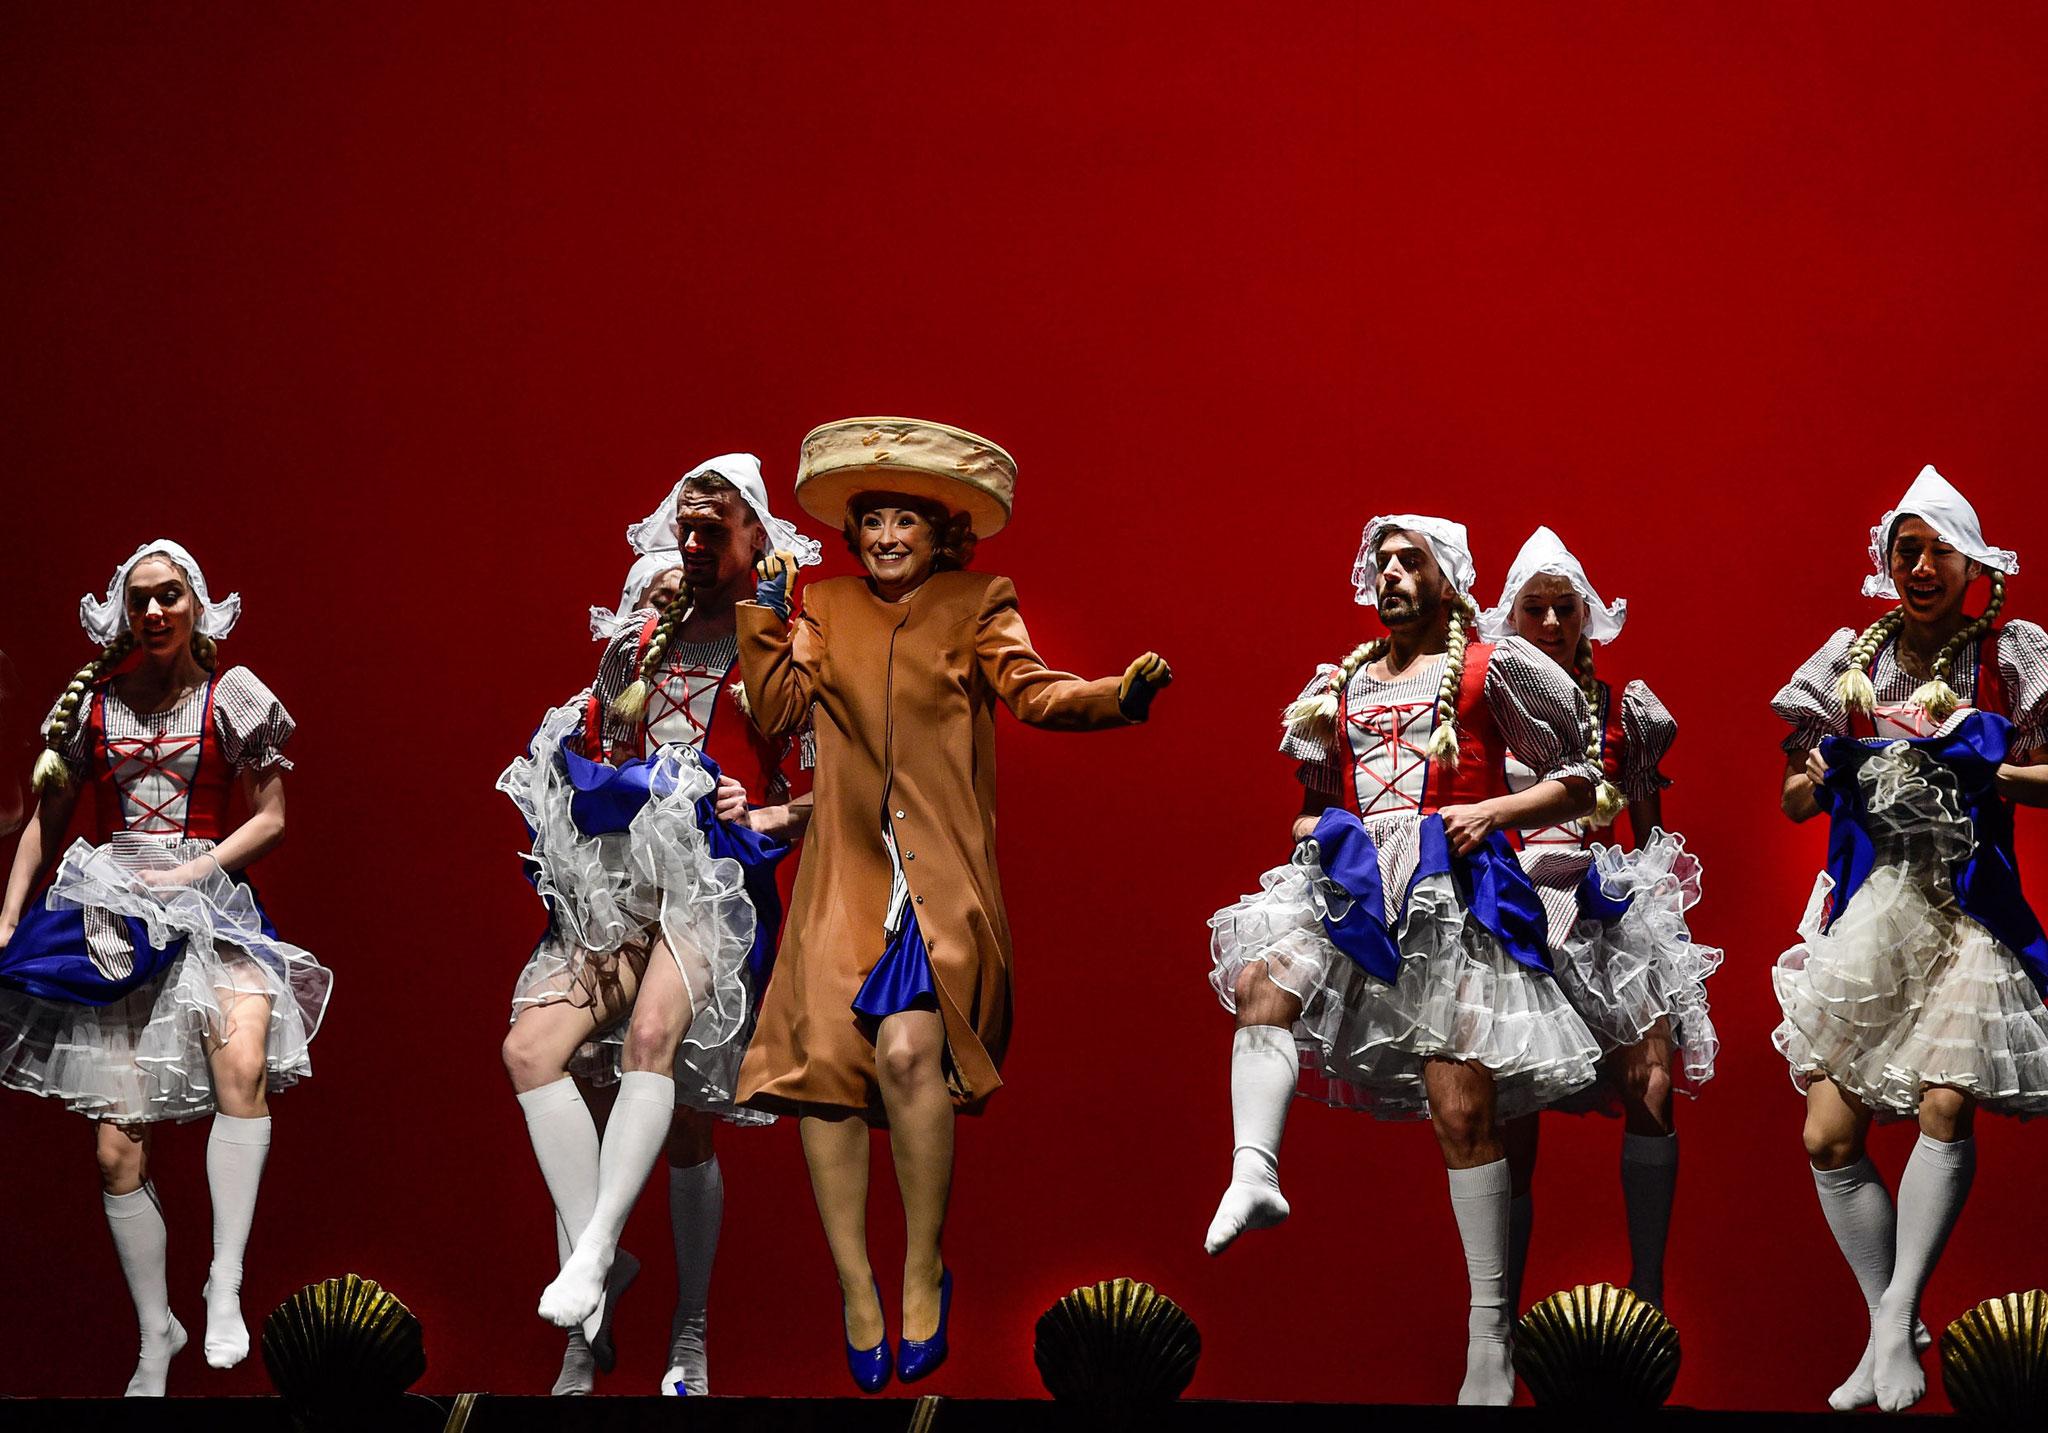 Südseetulpen von Benjamin Schweitzer - Partie: Königin Amalie - Kostüme: Ingeborg, Maske: Nadine Wagner